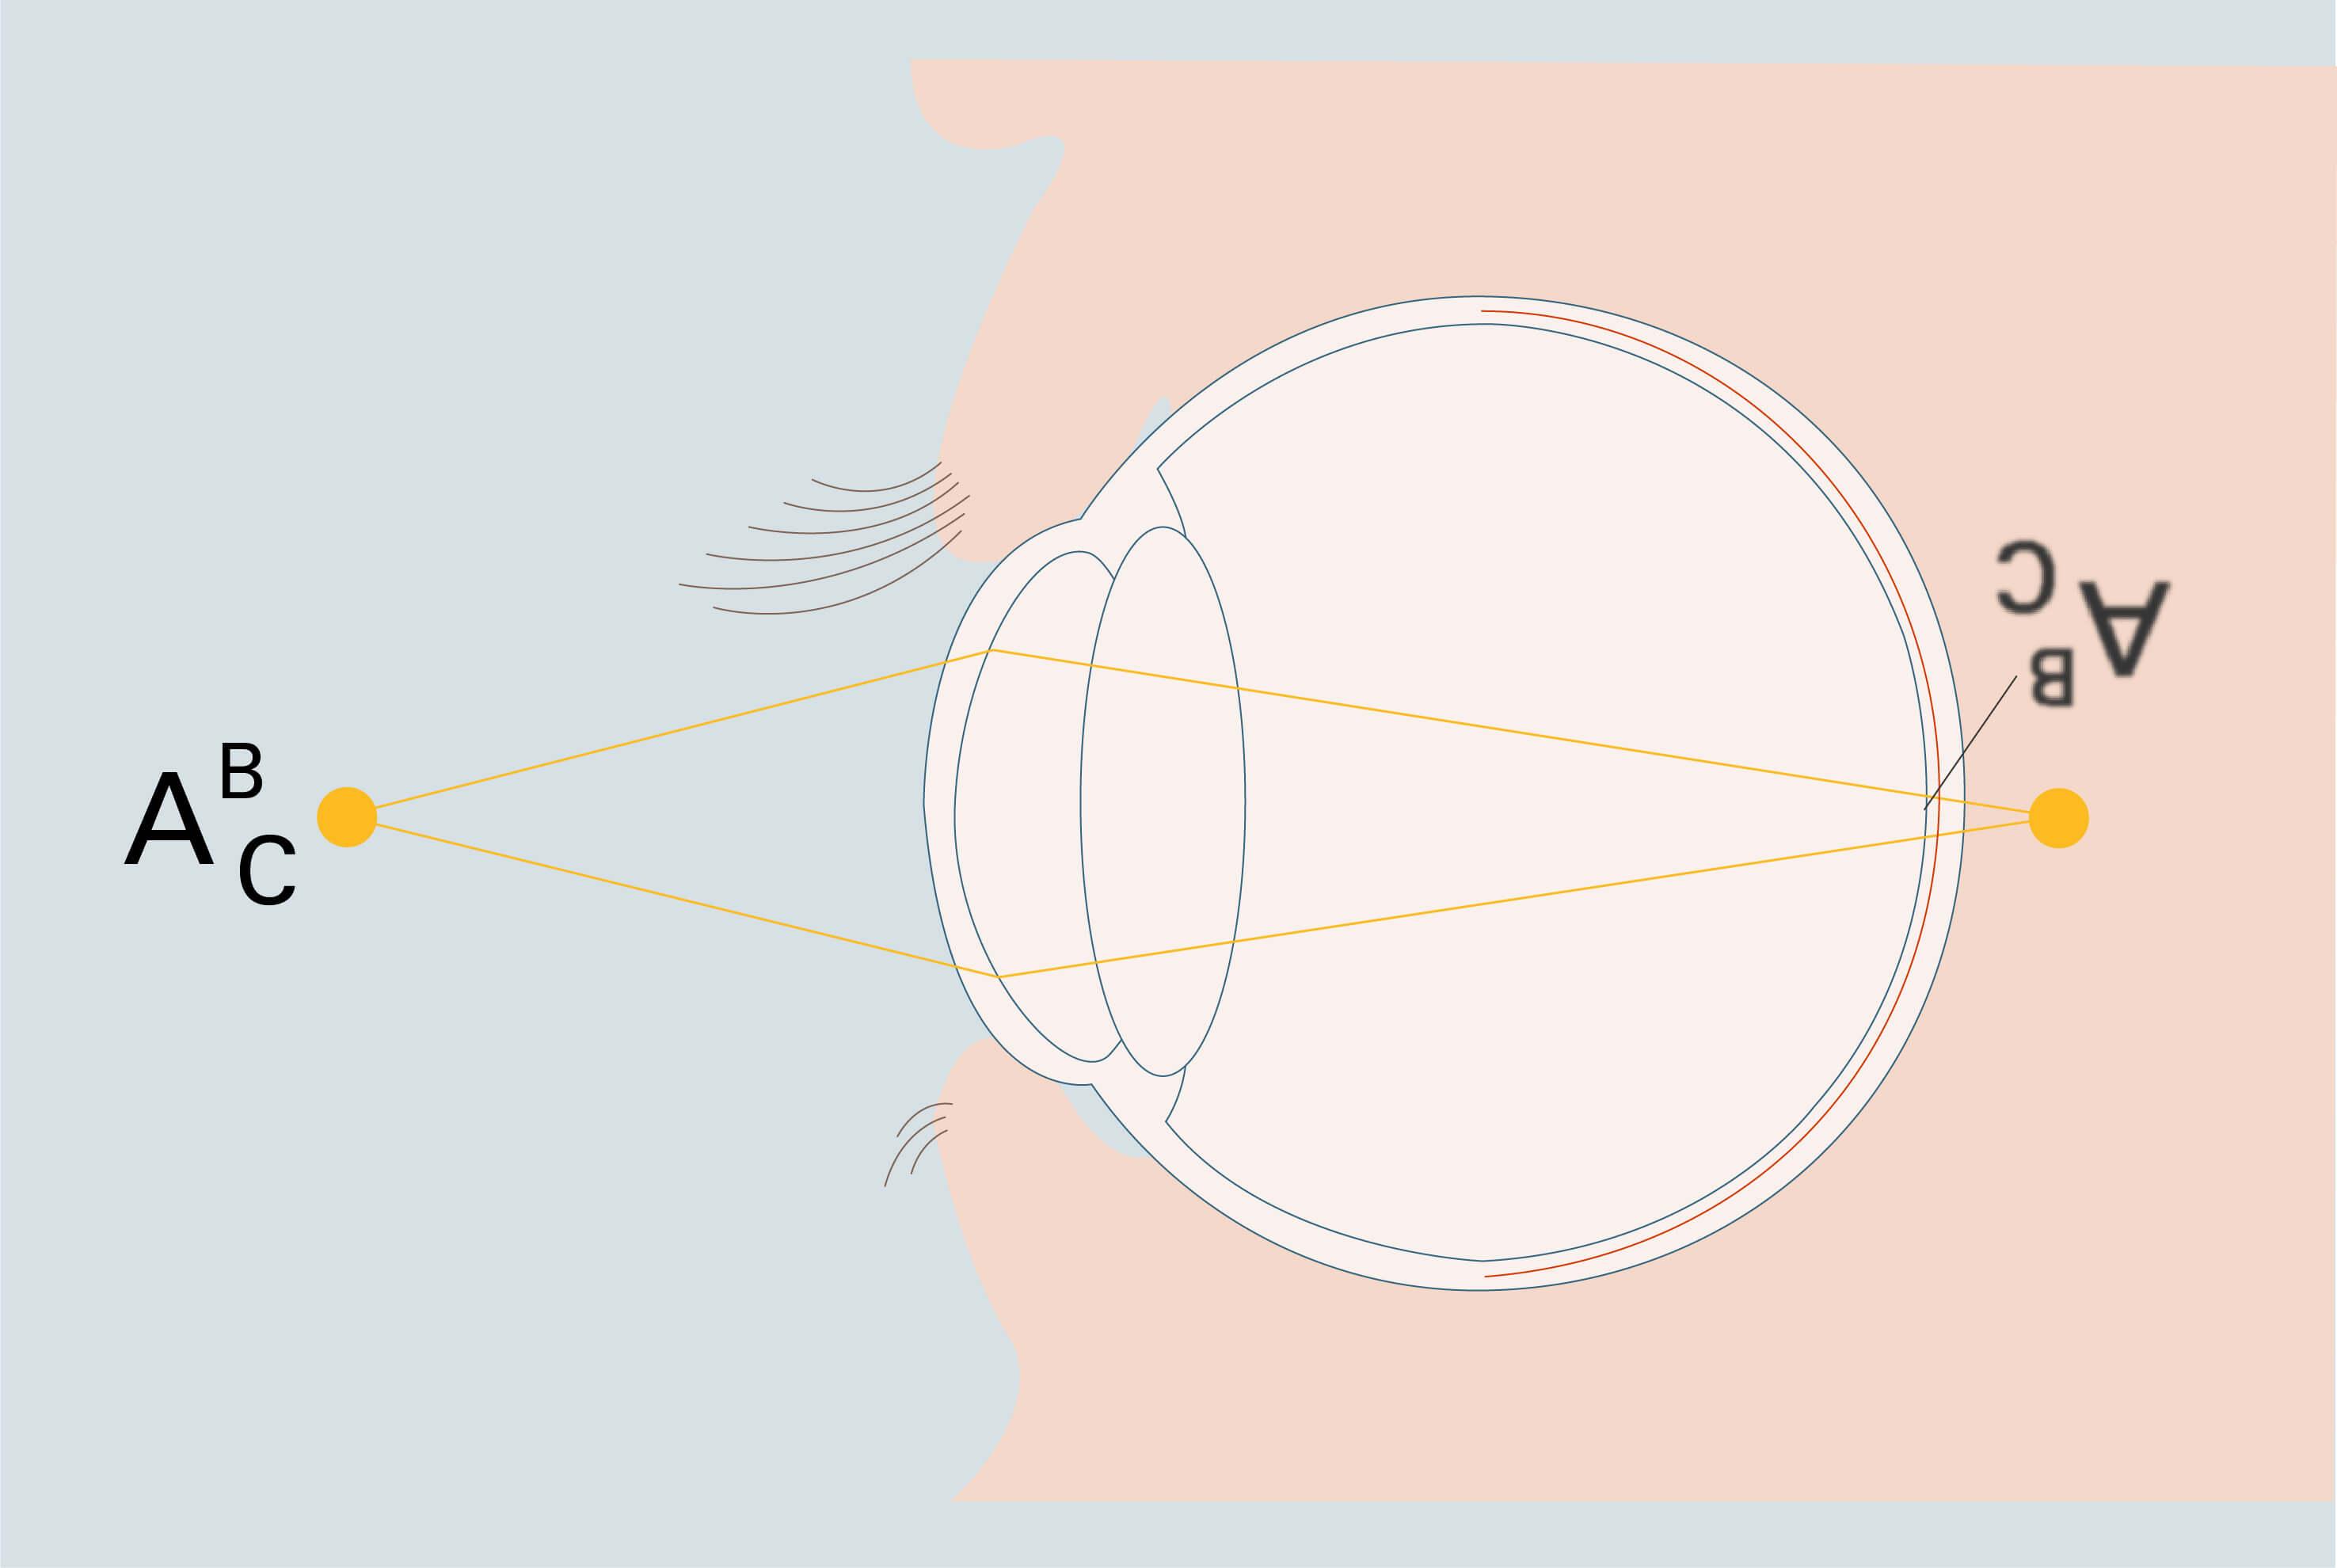 Querschnitt des Auges mit Brennpunkt hinter der Netzhaut - Grafische Darstellung